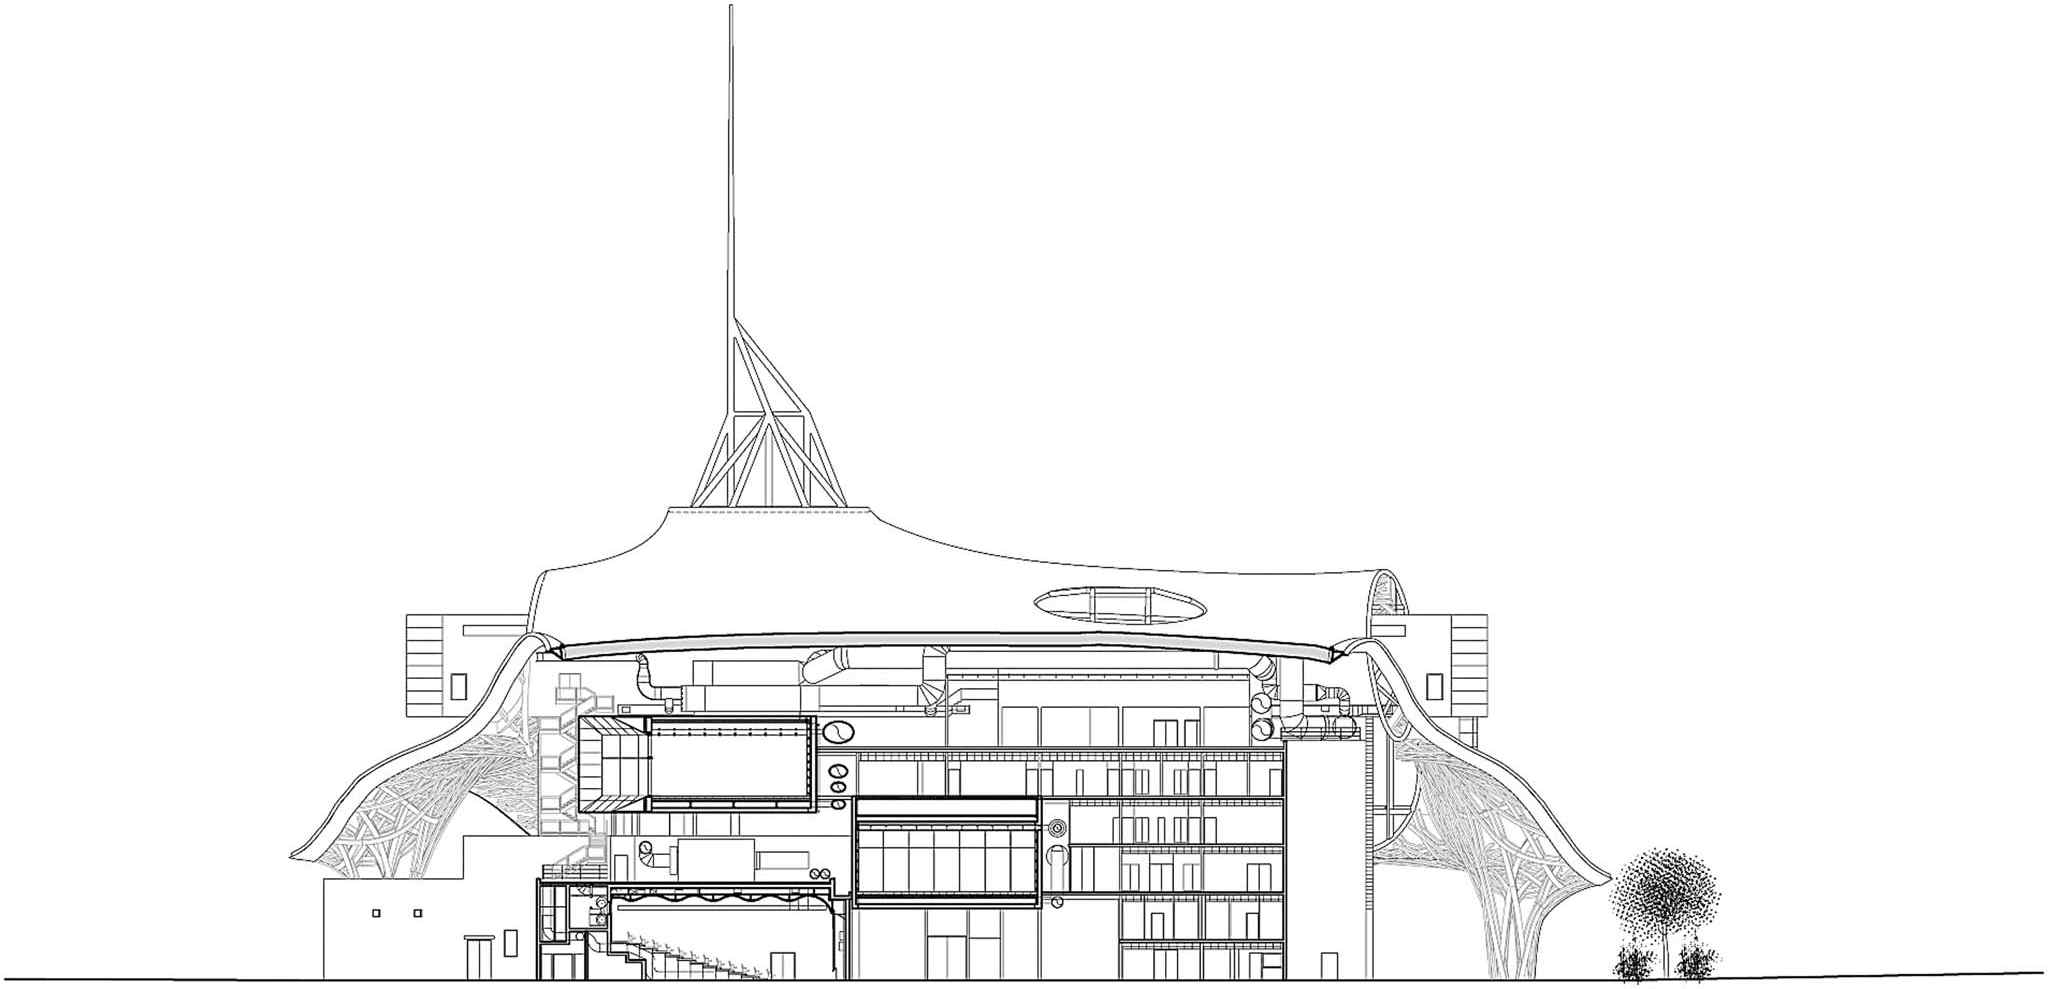 coupe support centre pompidou metz shigeru ban et jean de gastines nomin querre d 39 argent 2010. Black Bedroom Furniture Sets. Home Design Ideas